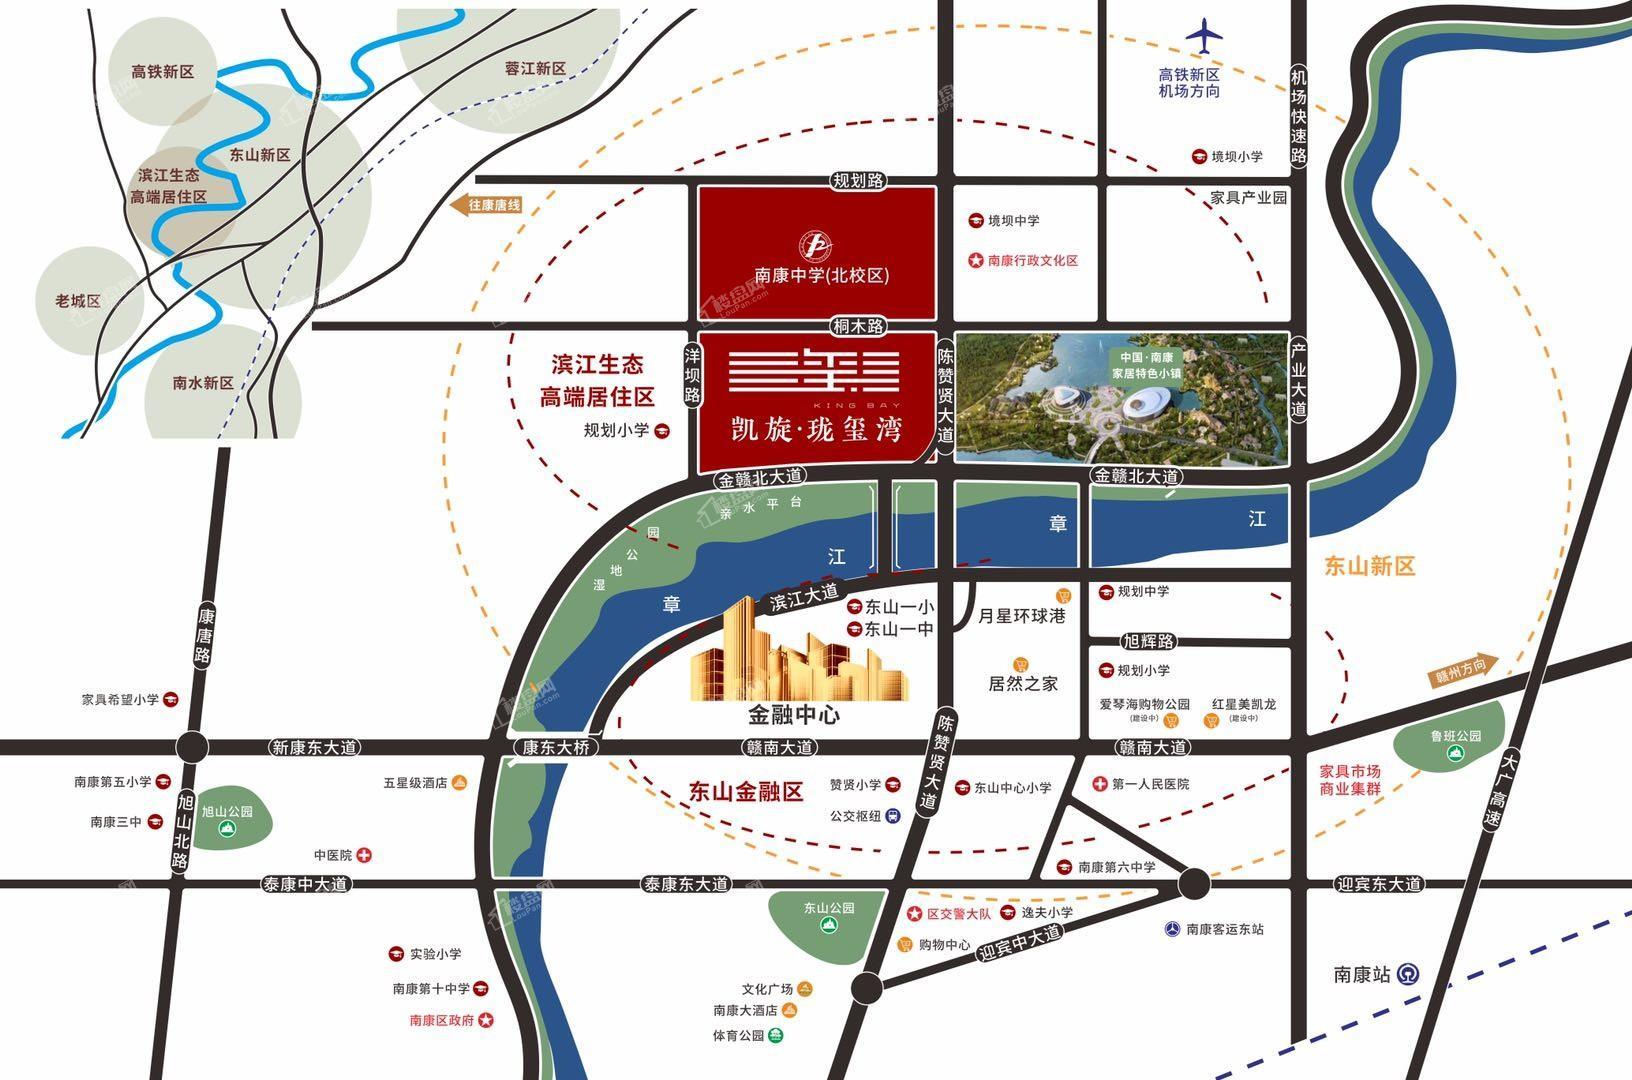 凯旋珑玺湾位置图